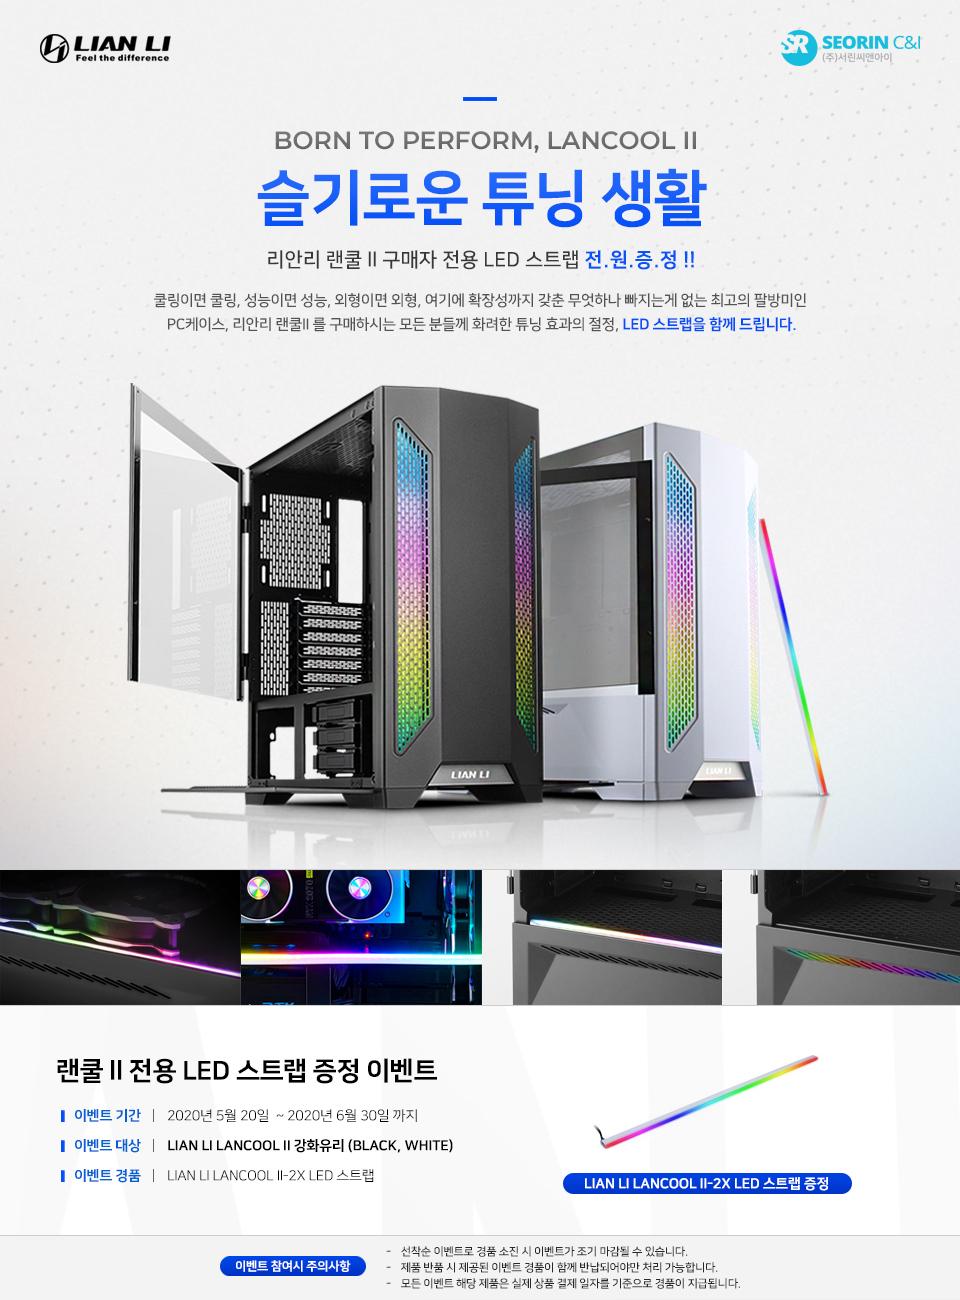 슬기로운 튜닝 생활!! 리안리 랜쿨 II 구매시 LED 스트립 바 전 원 증 정 !!